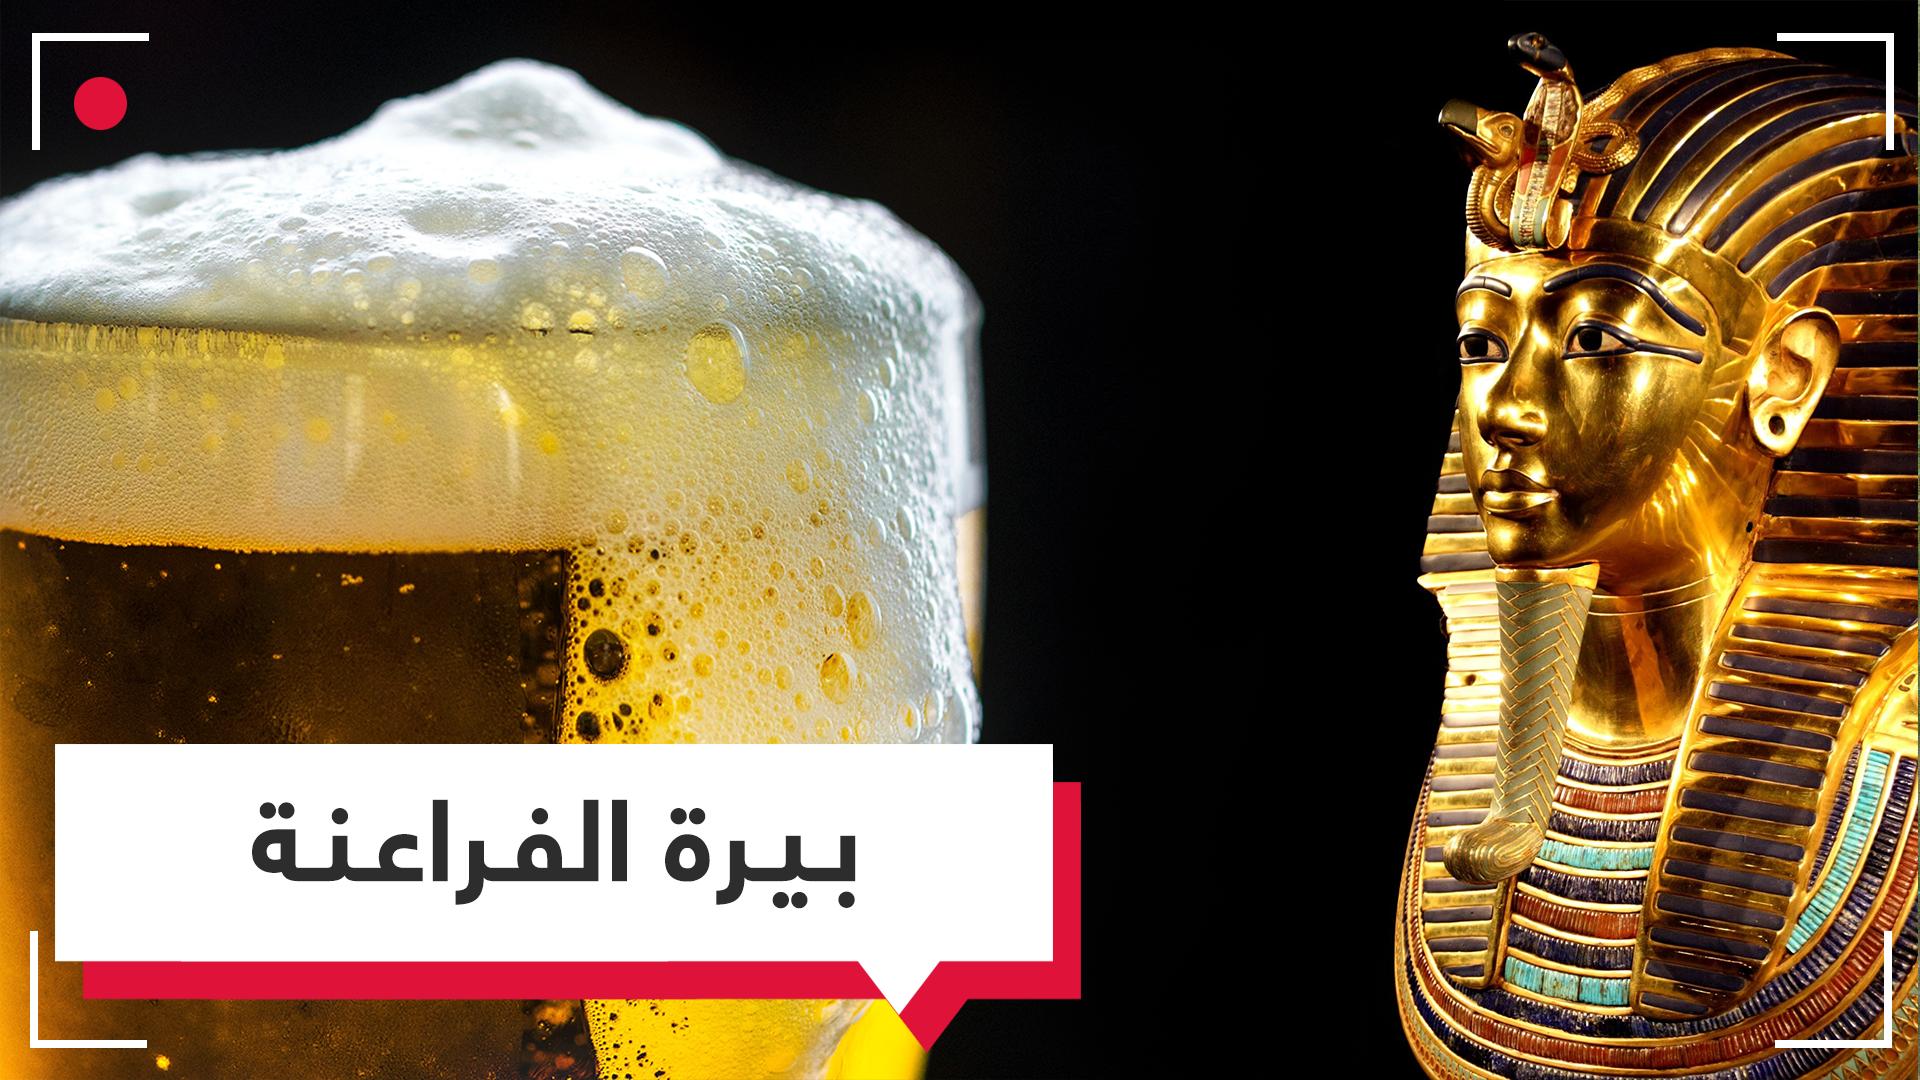 بيرة الفراعنة تعود باستخدام بكتيريا منذ 5000 آلاف عام